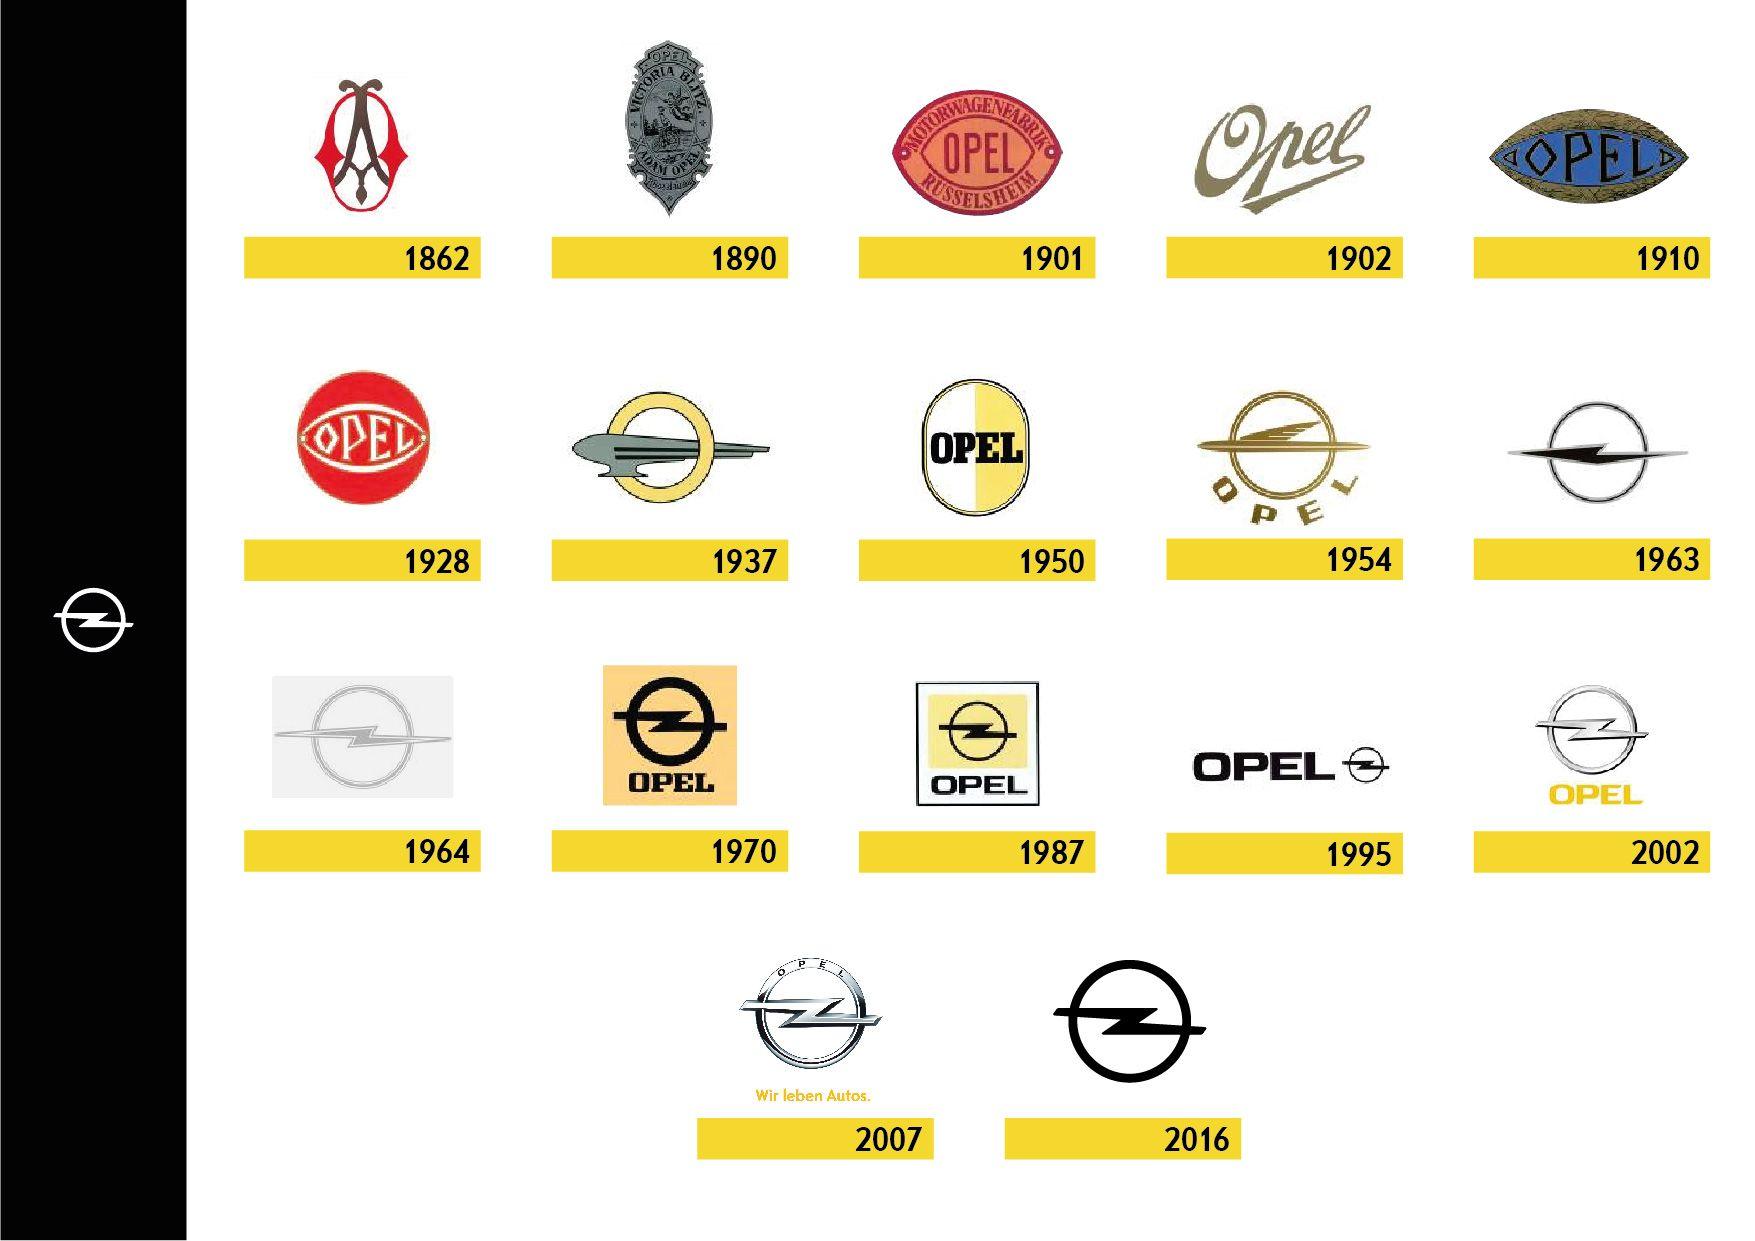 La historia del logo de Opel: de un ojo a un zepelín, hasta convertirse en el popular y dinámico rayo que ha llegado hasta nuestros días